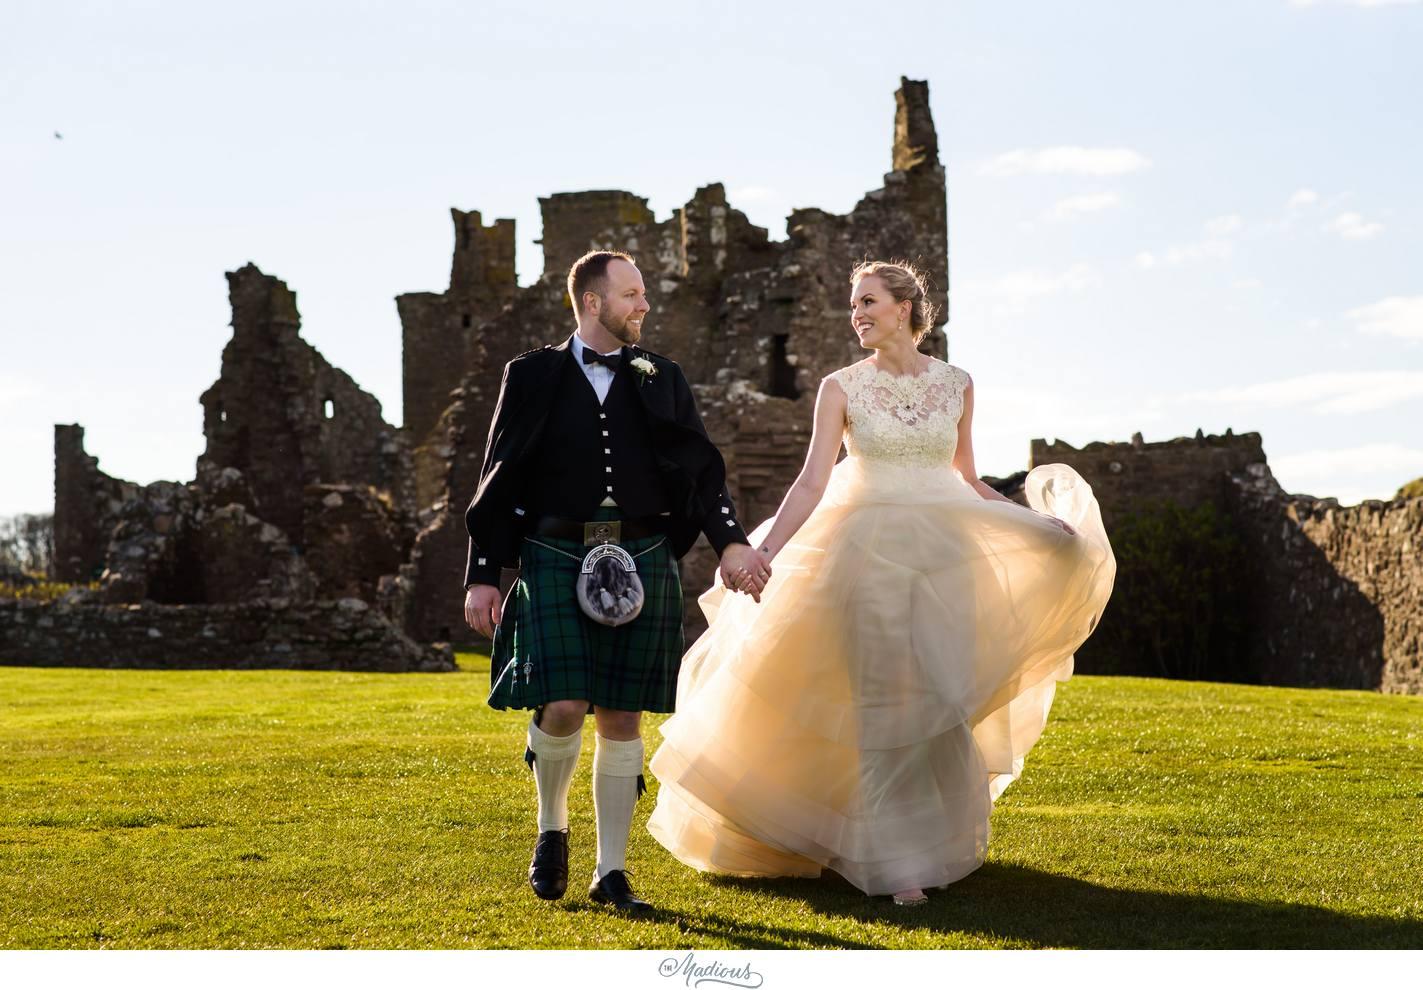 Balbegno_Dunnotar_Castle_Scottland_Wedding_46.jpg